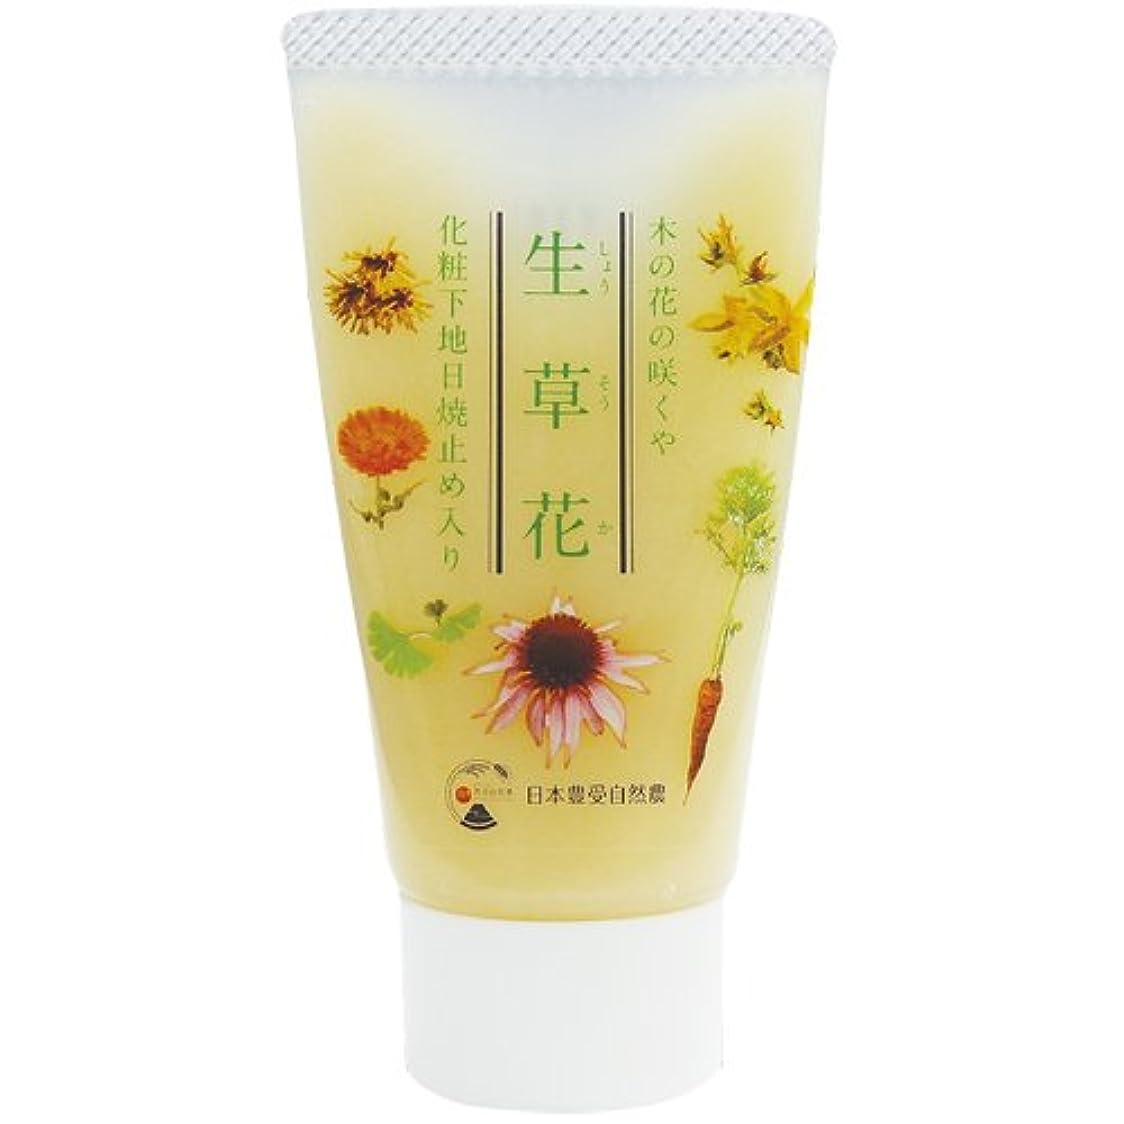 期待して仮定する珍しい日本豊受自然農 木の花の咲くや 生草花 化粧下地 日焼け止め入り 30g